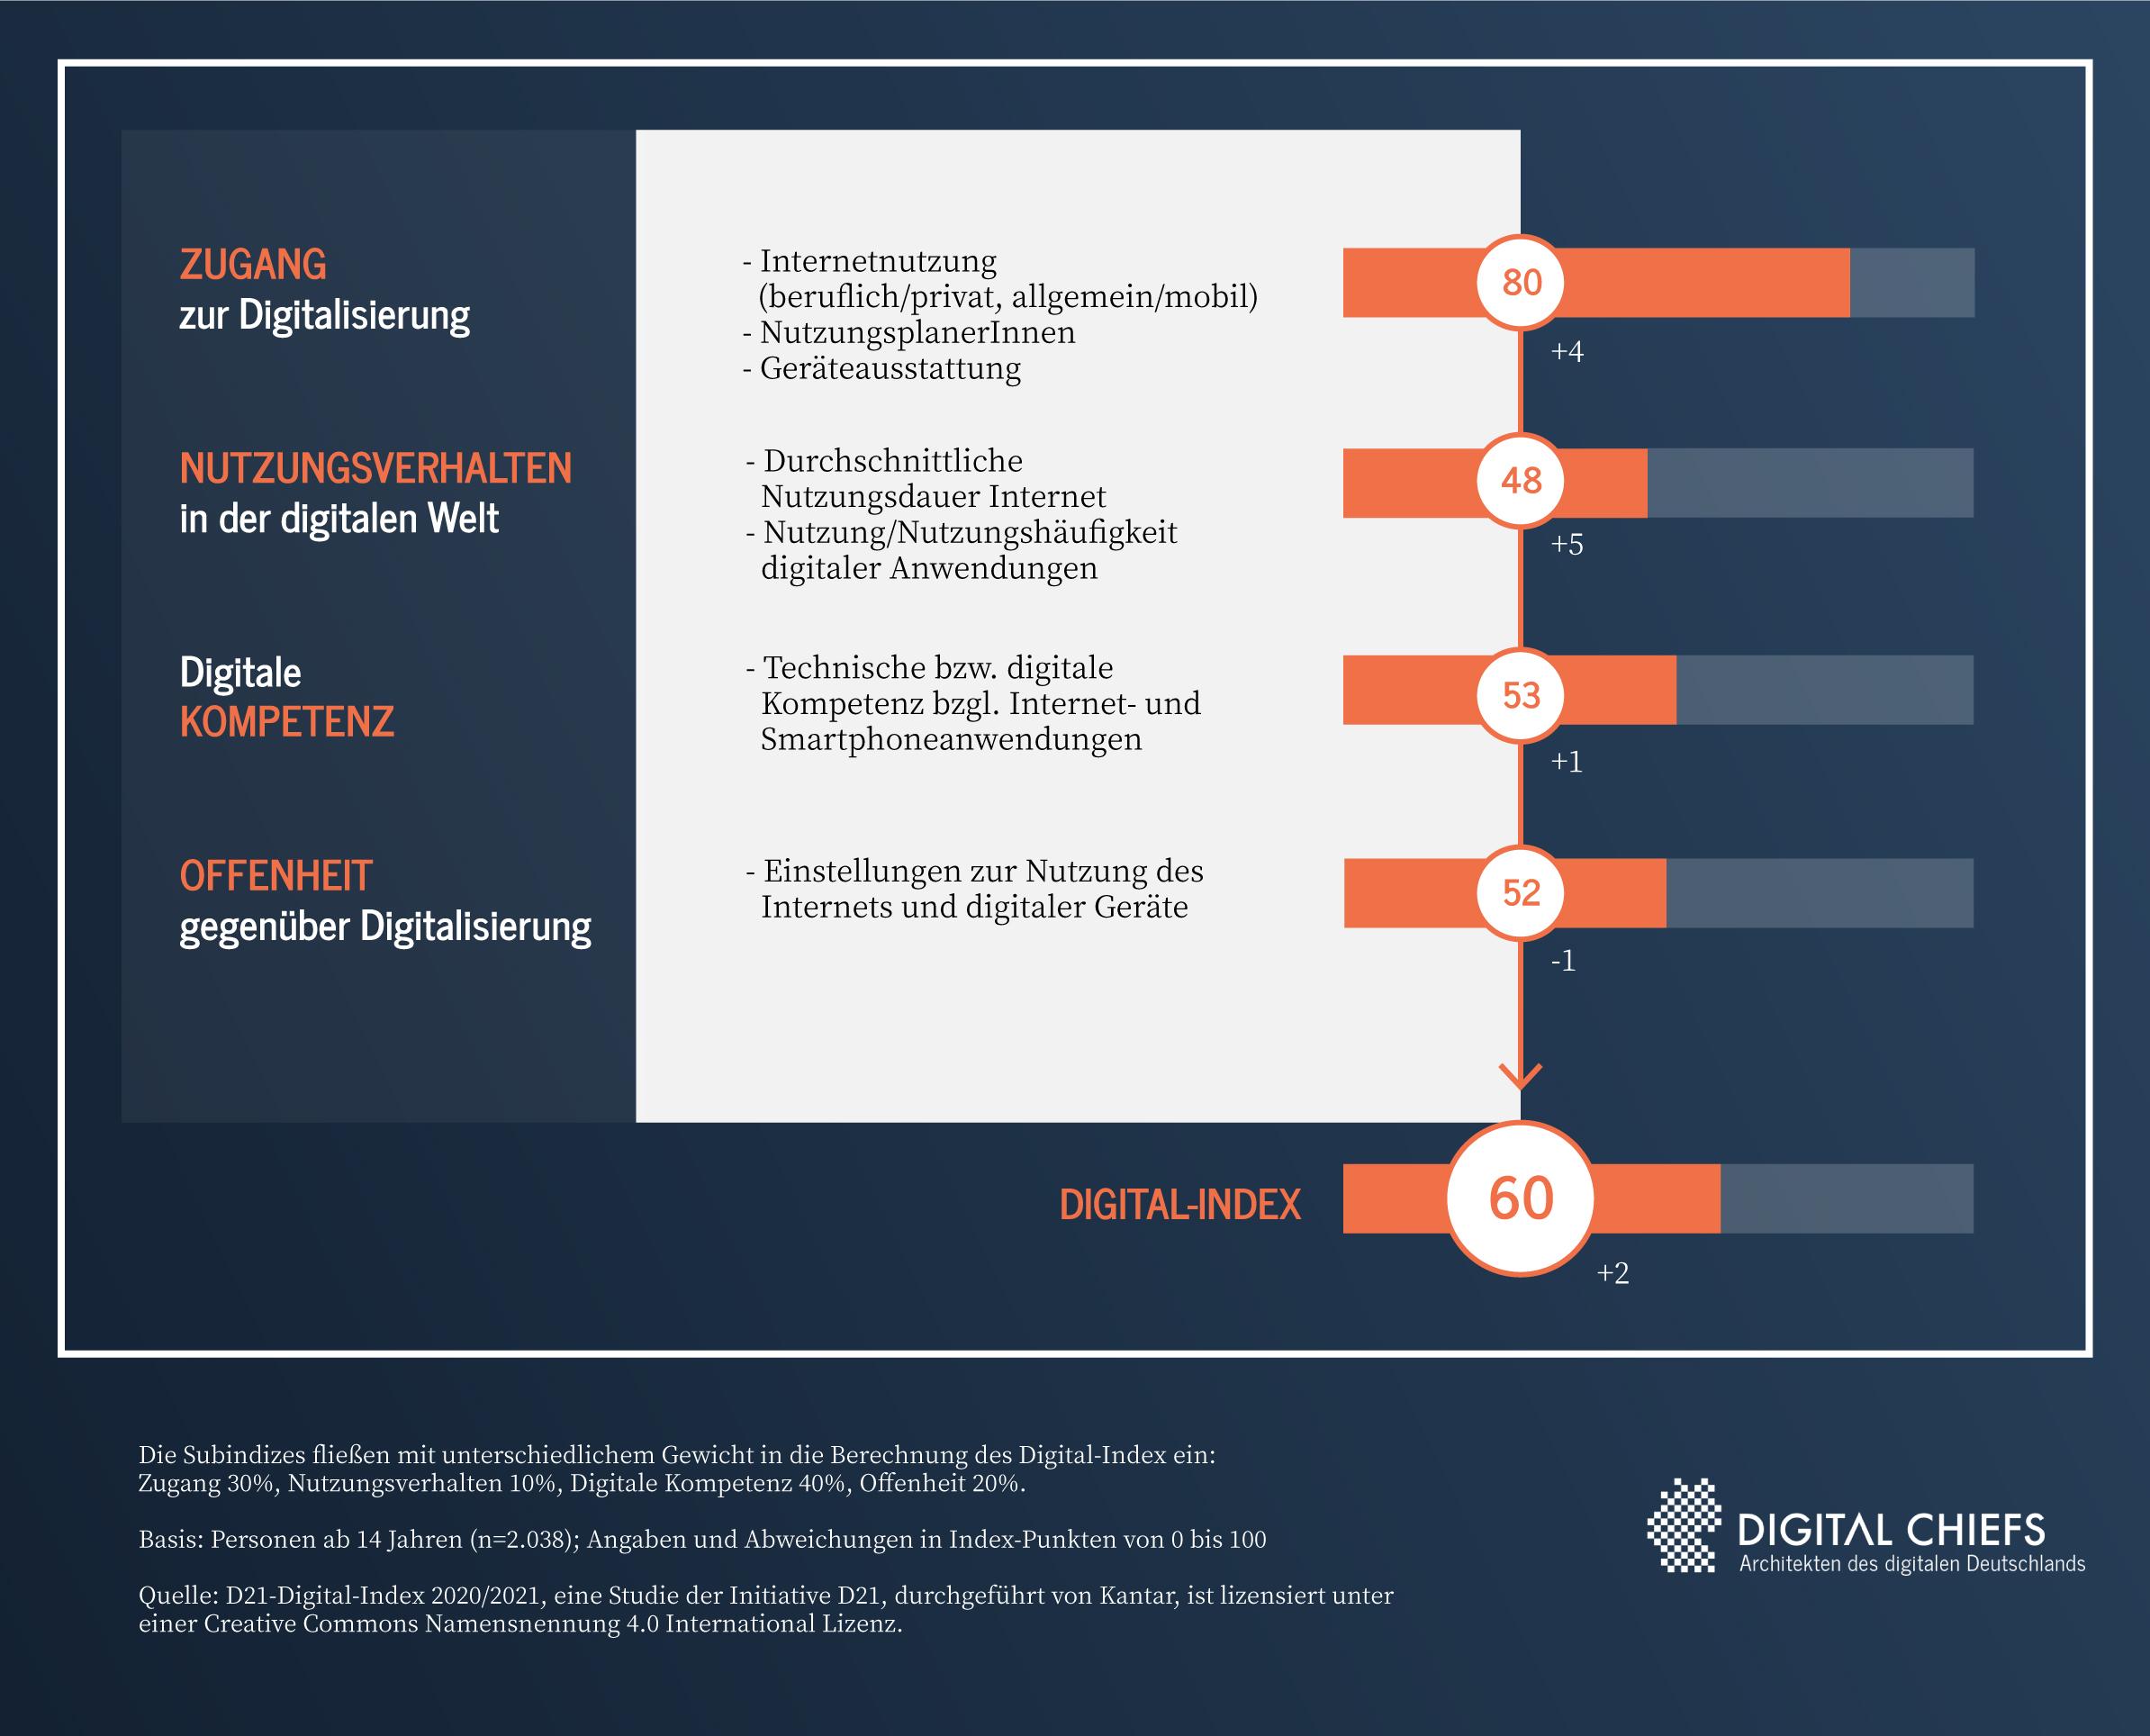 digital-index-umfrageergebnisse-digitalchiefs